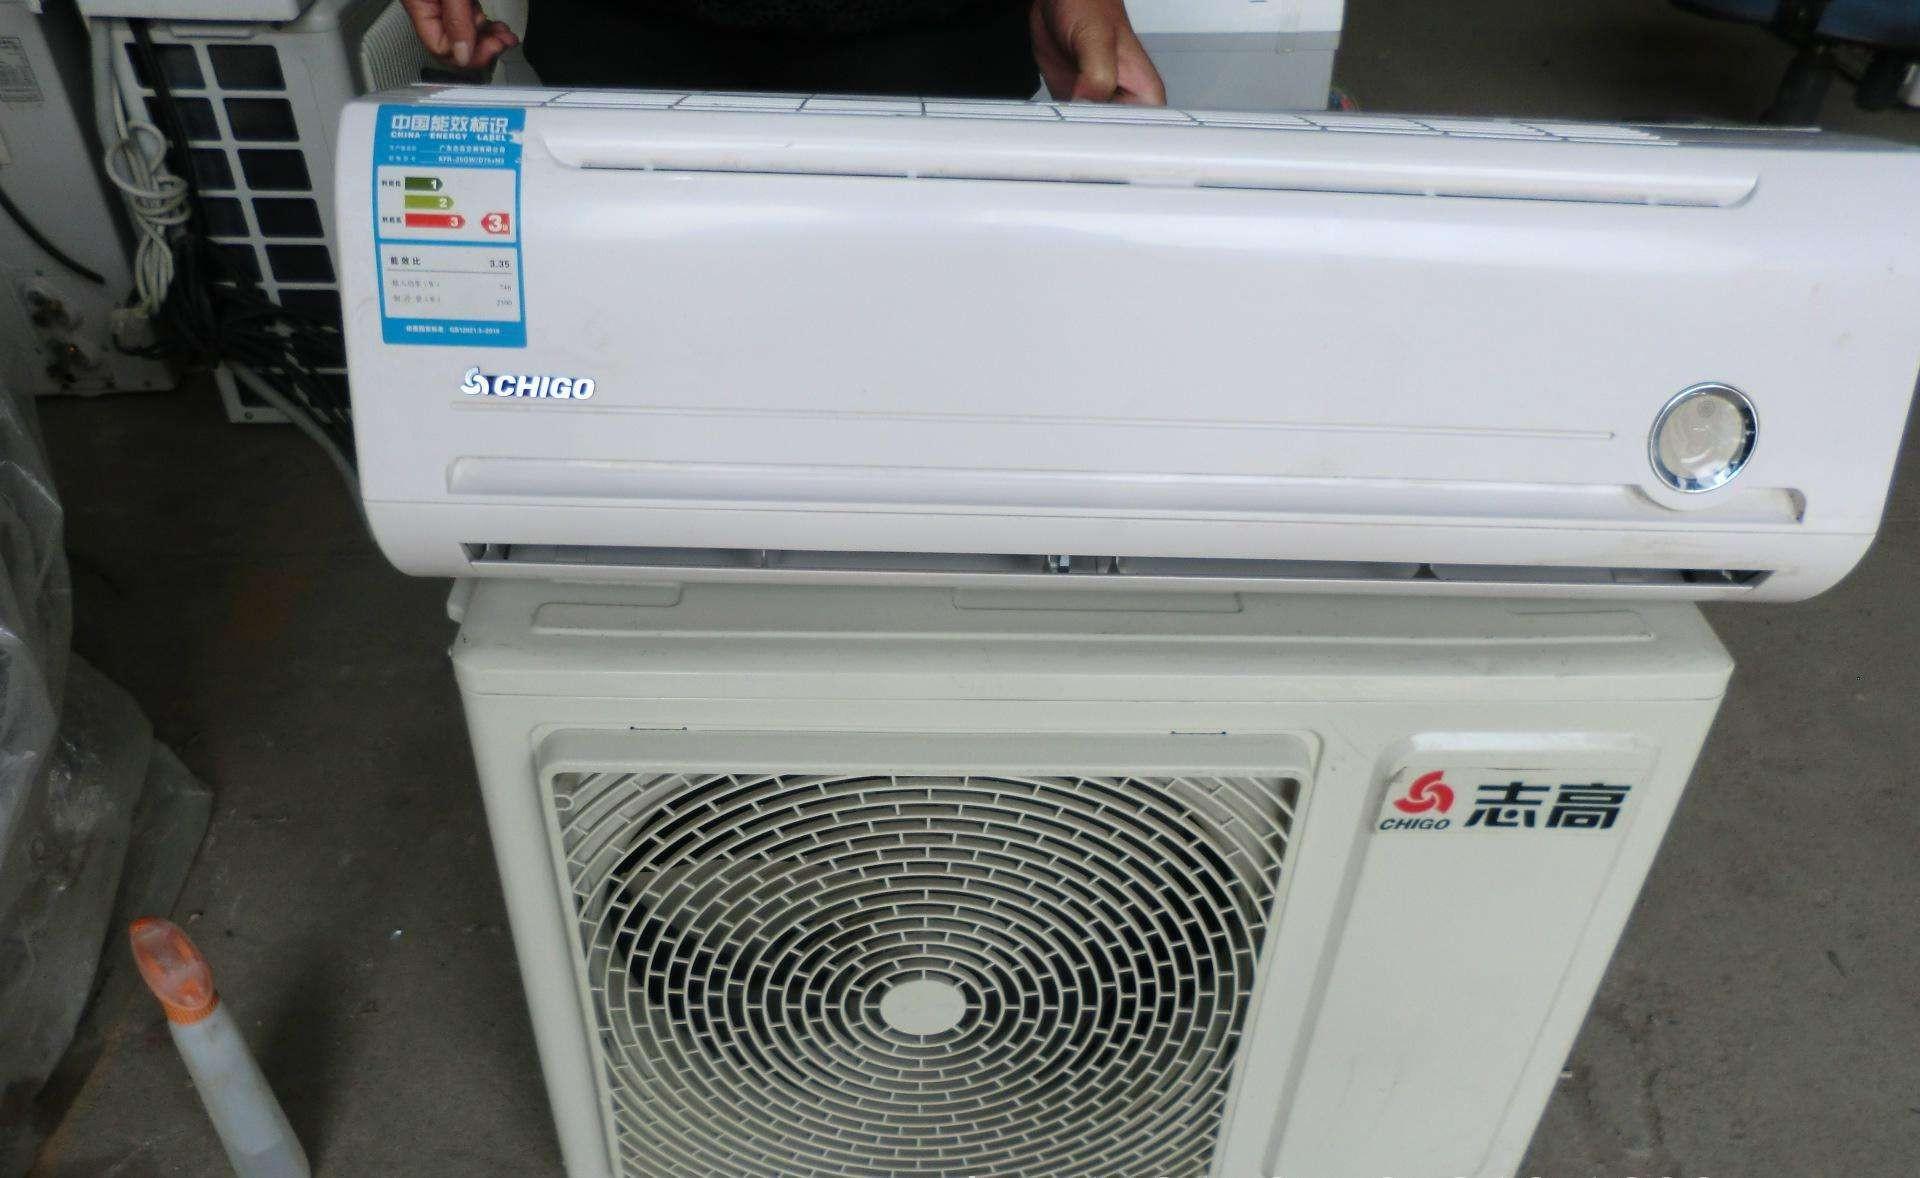 志高空调温度传感器—志高空调温度传感器介绍